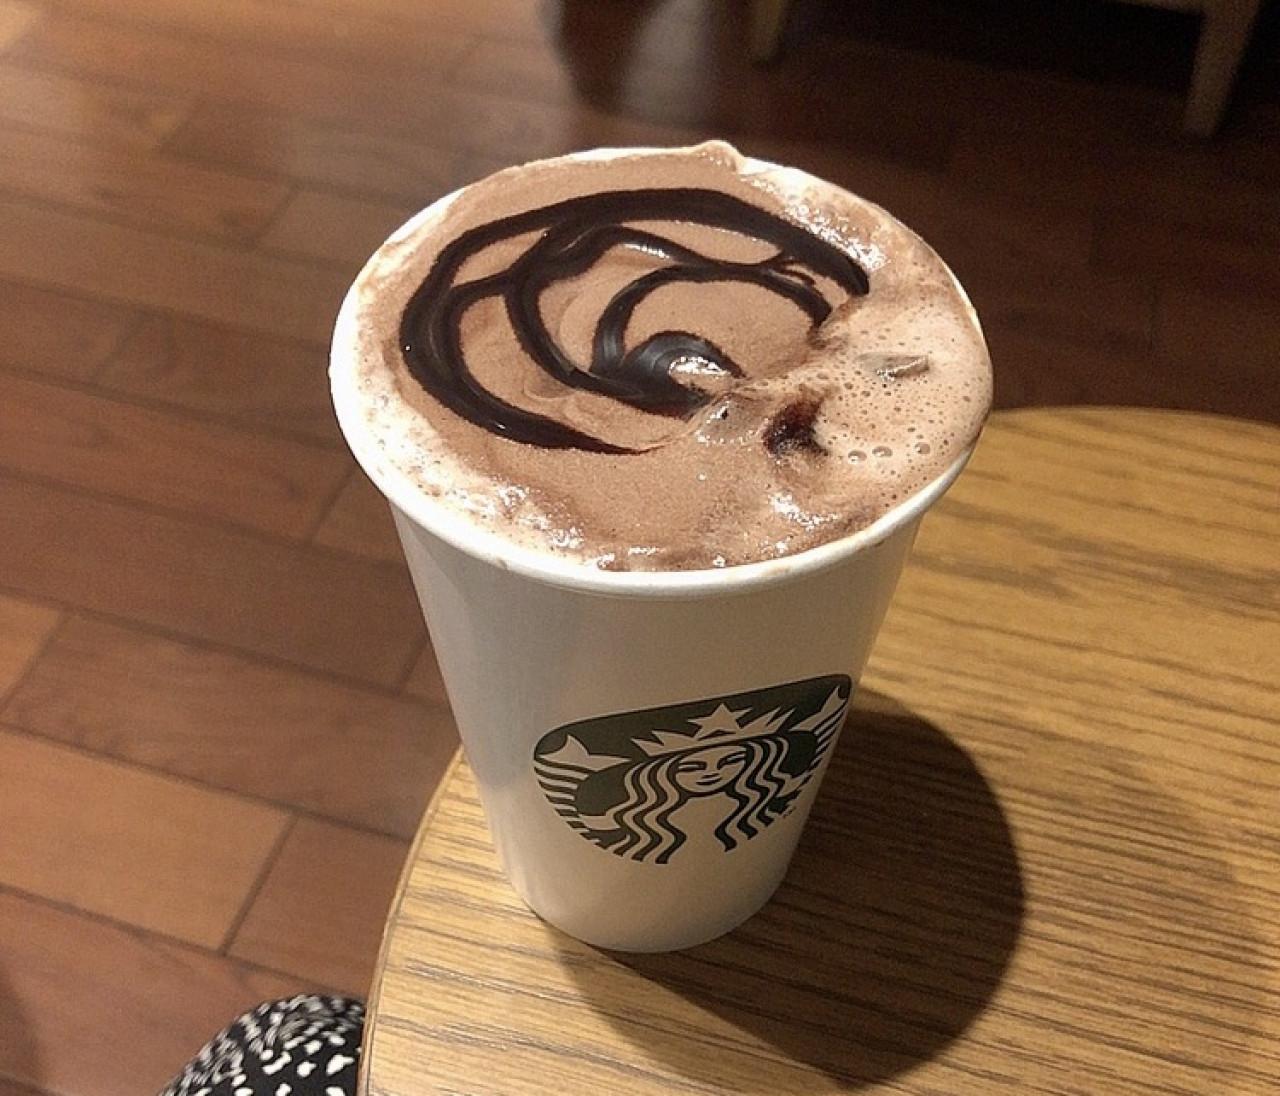 スタバ【期間限定カスタム】チョコミント好き必見ドリンク!